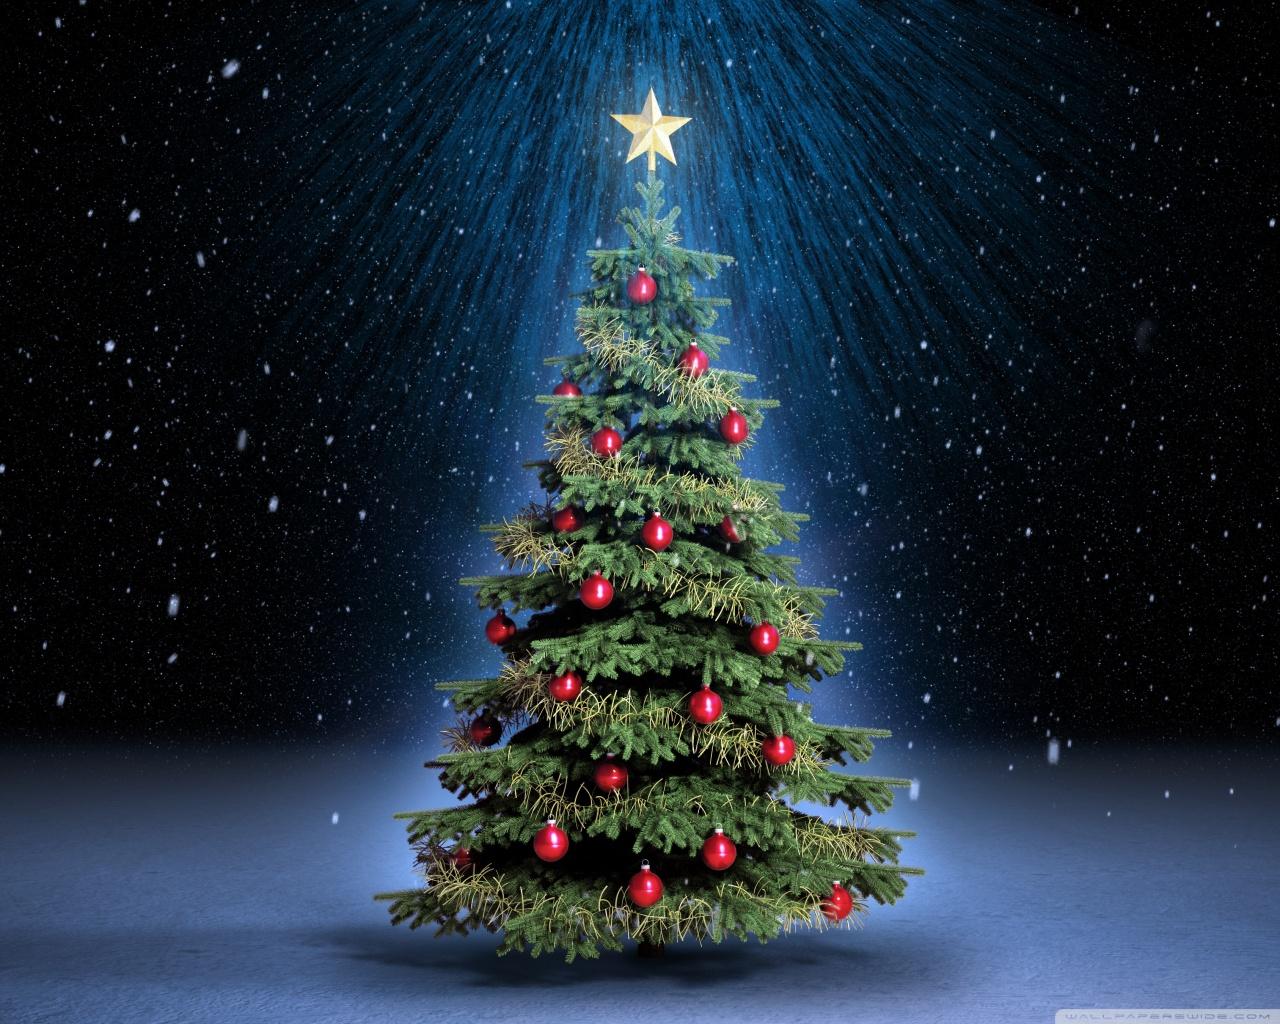 Albero Di Natale Origini.L Albero Di Natale Storia Origini E Curiosita Di Un Simbolo Di Festa A Cura Di Teresa Anania